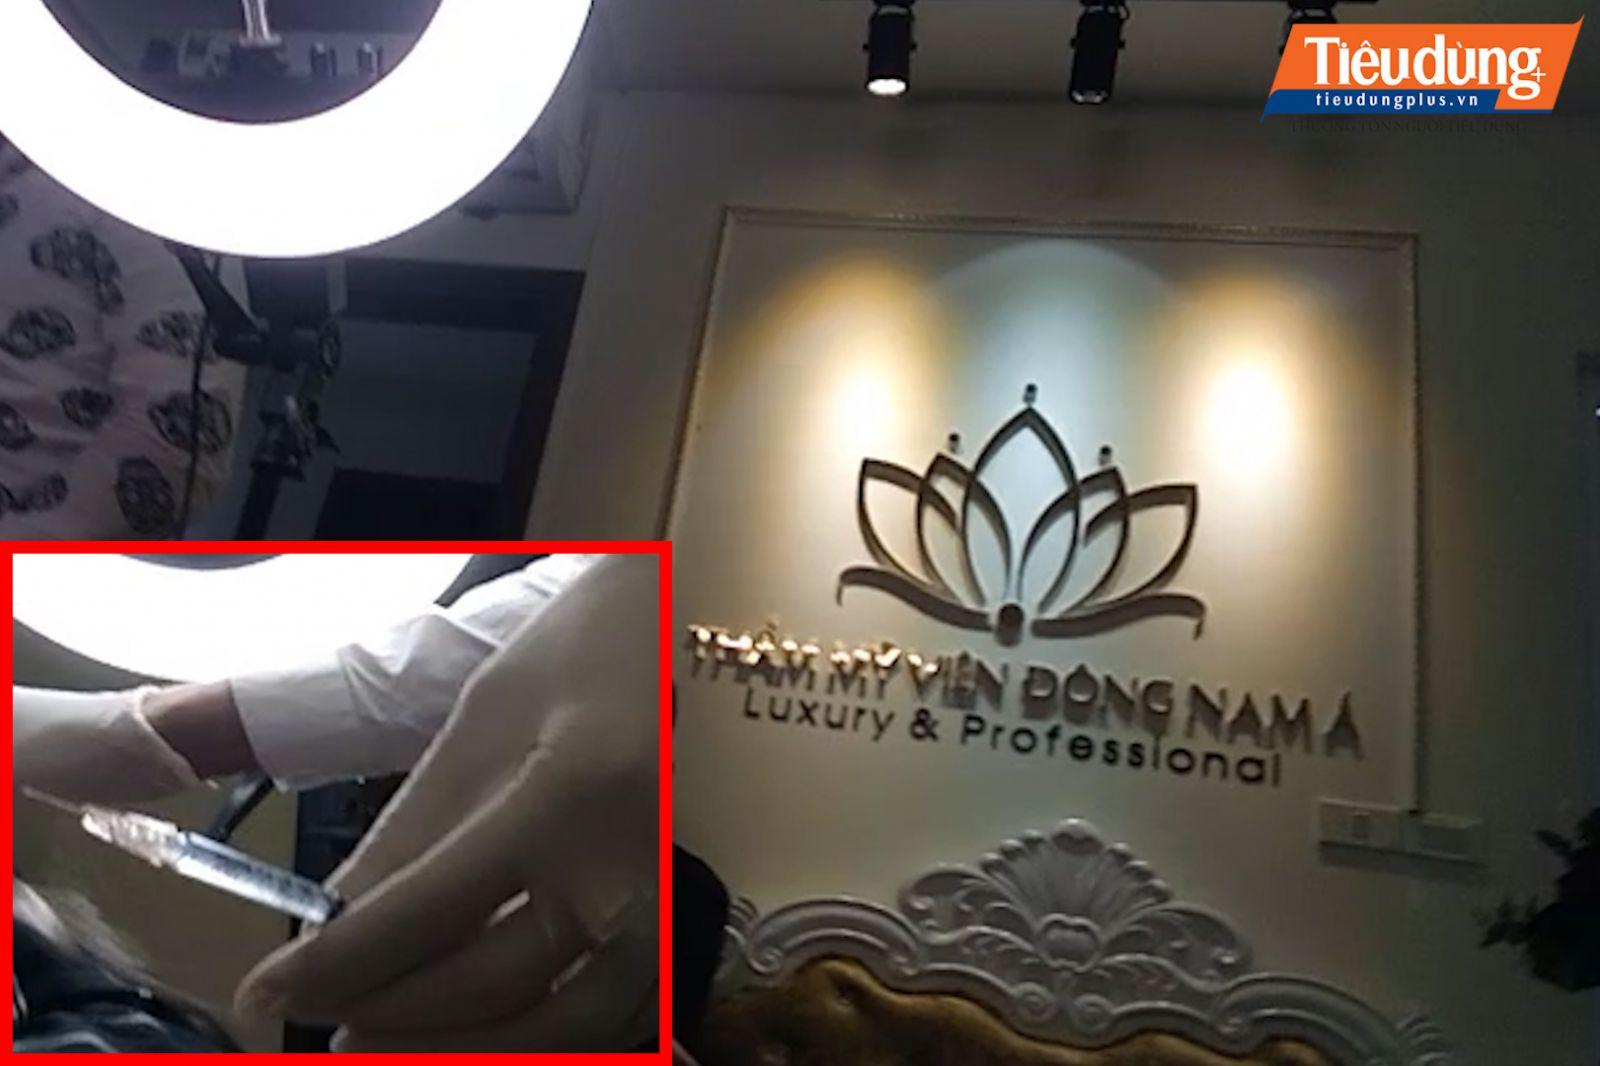 Luật sư phân tích dấu hiệu vi phạm pháp luật của Thẩm mỹ viện Đông Nam Á